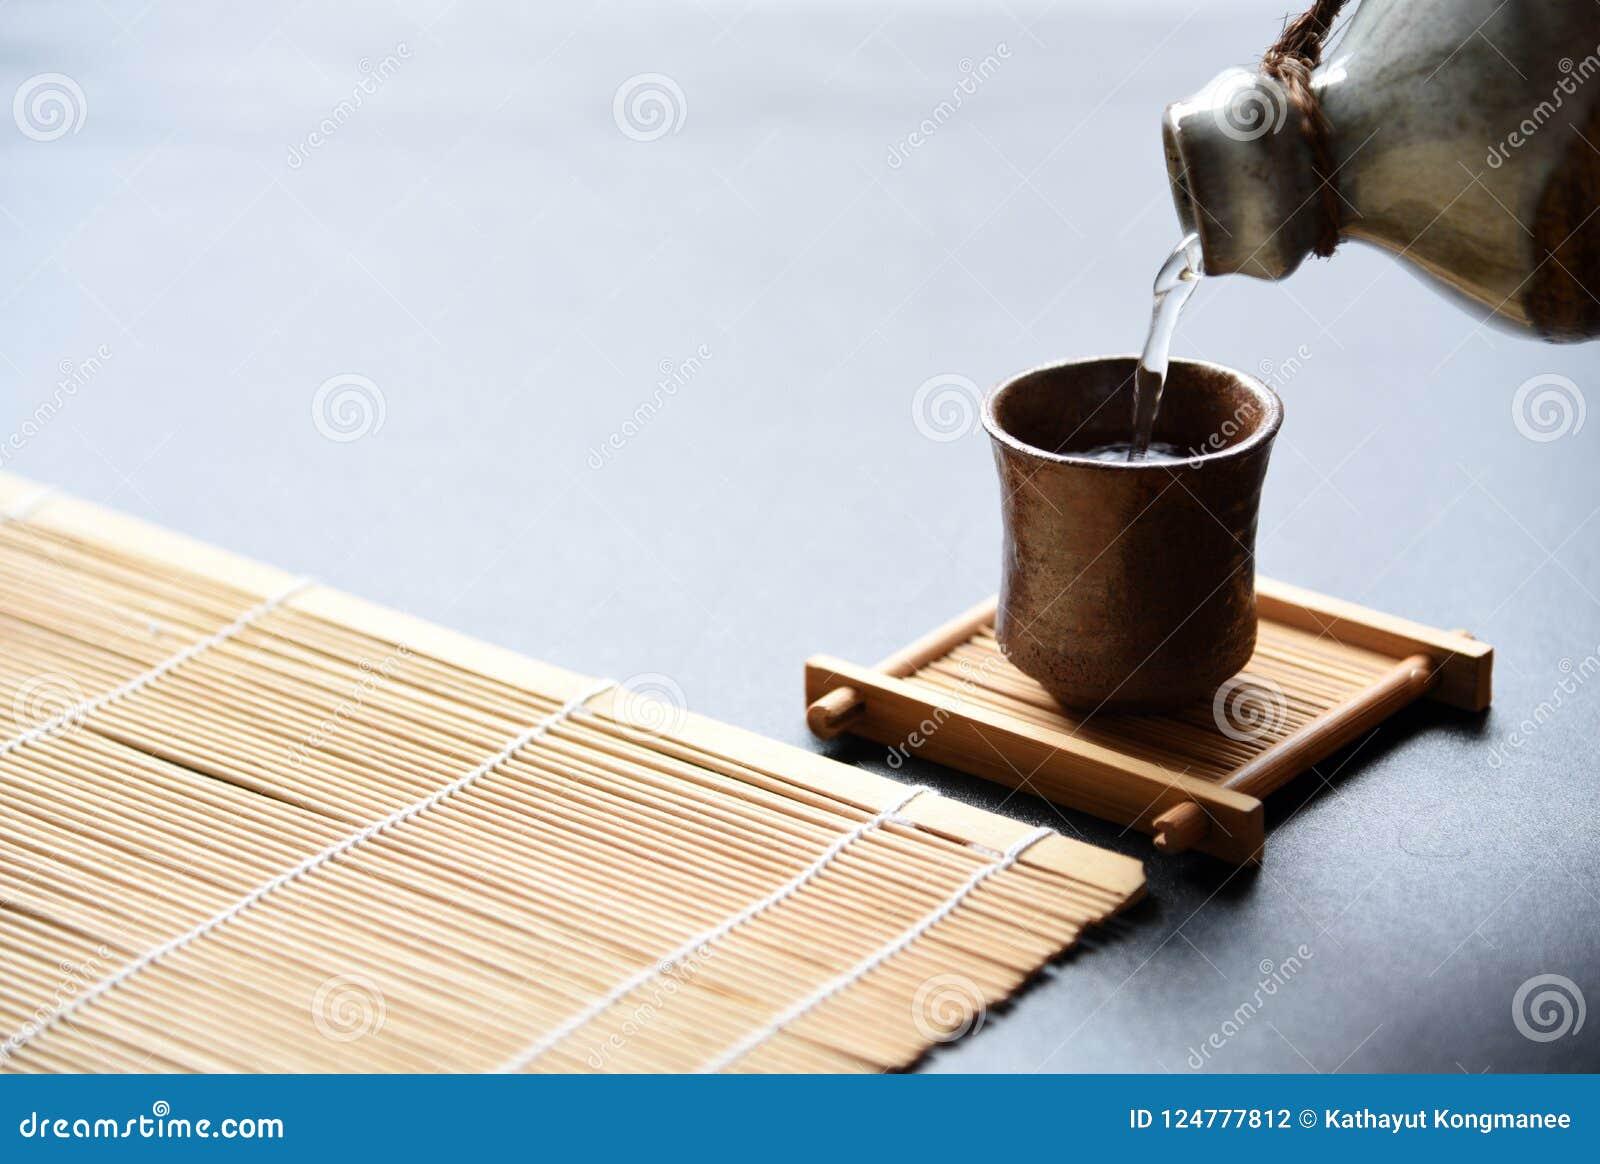 стиль питья японского ради восточный